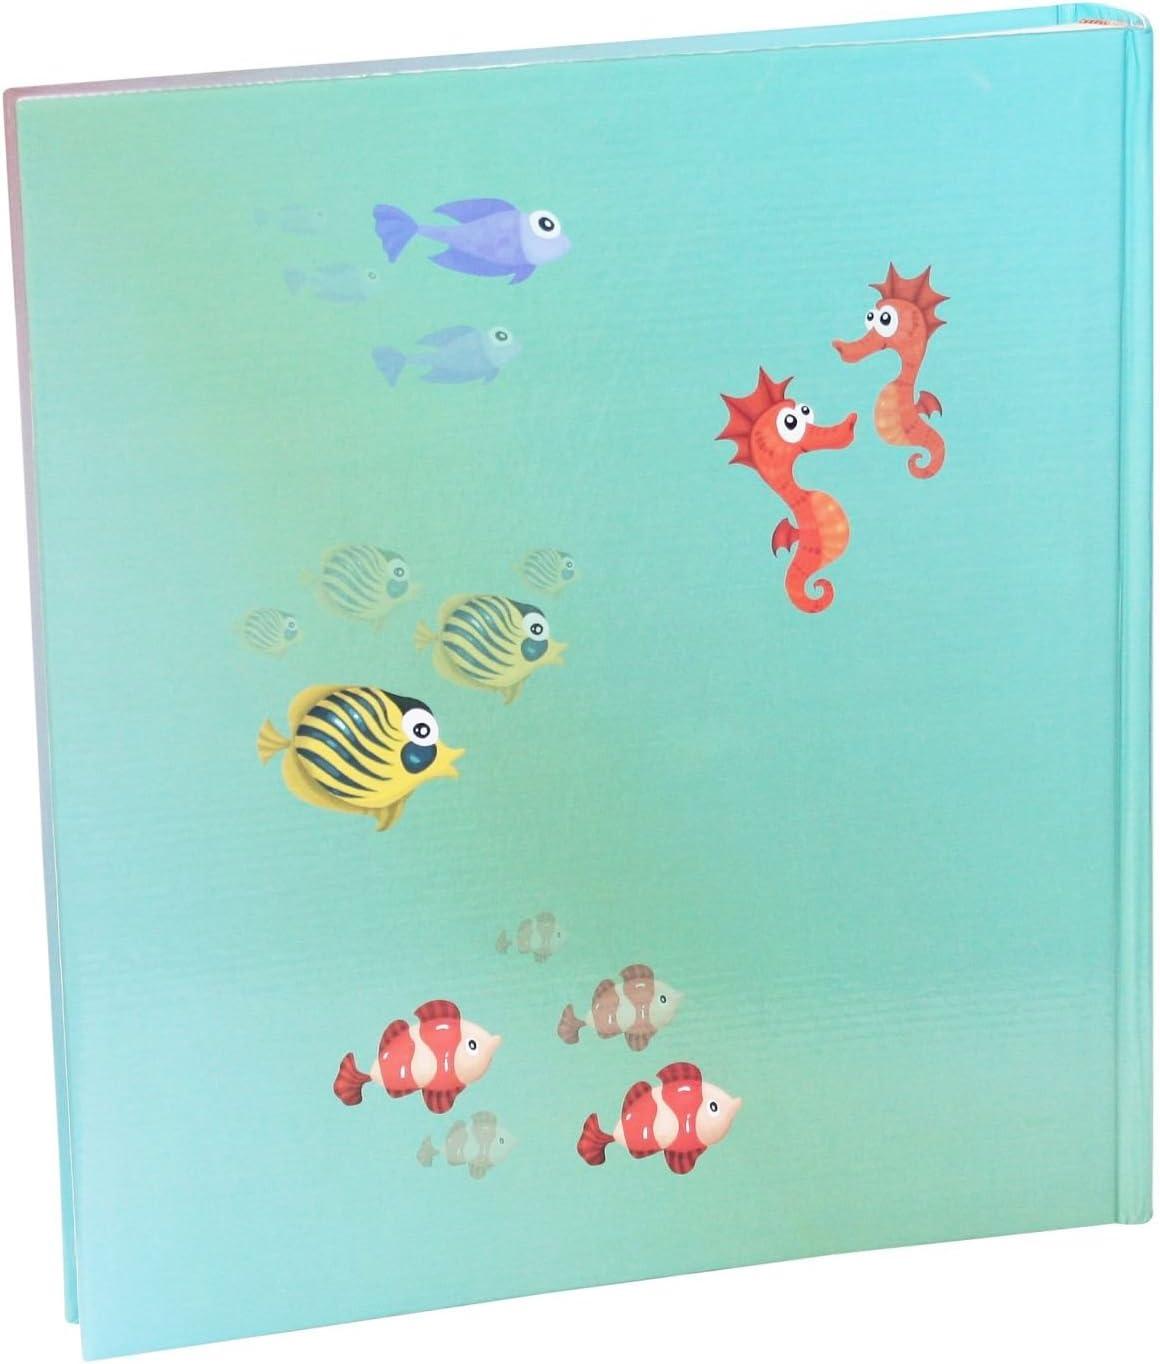 50 Pagine con Pergamena FSC Mix Idena Jumbo Album SottAcqua Mondo Circa 31,5 x 33,5 x 5 cm